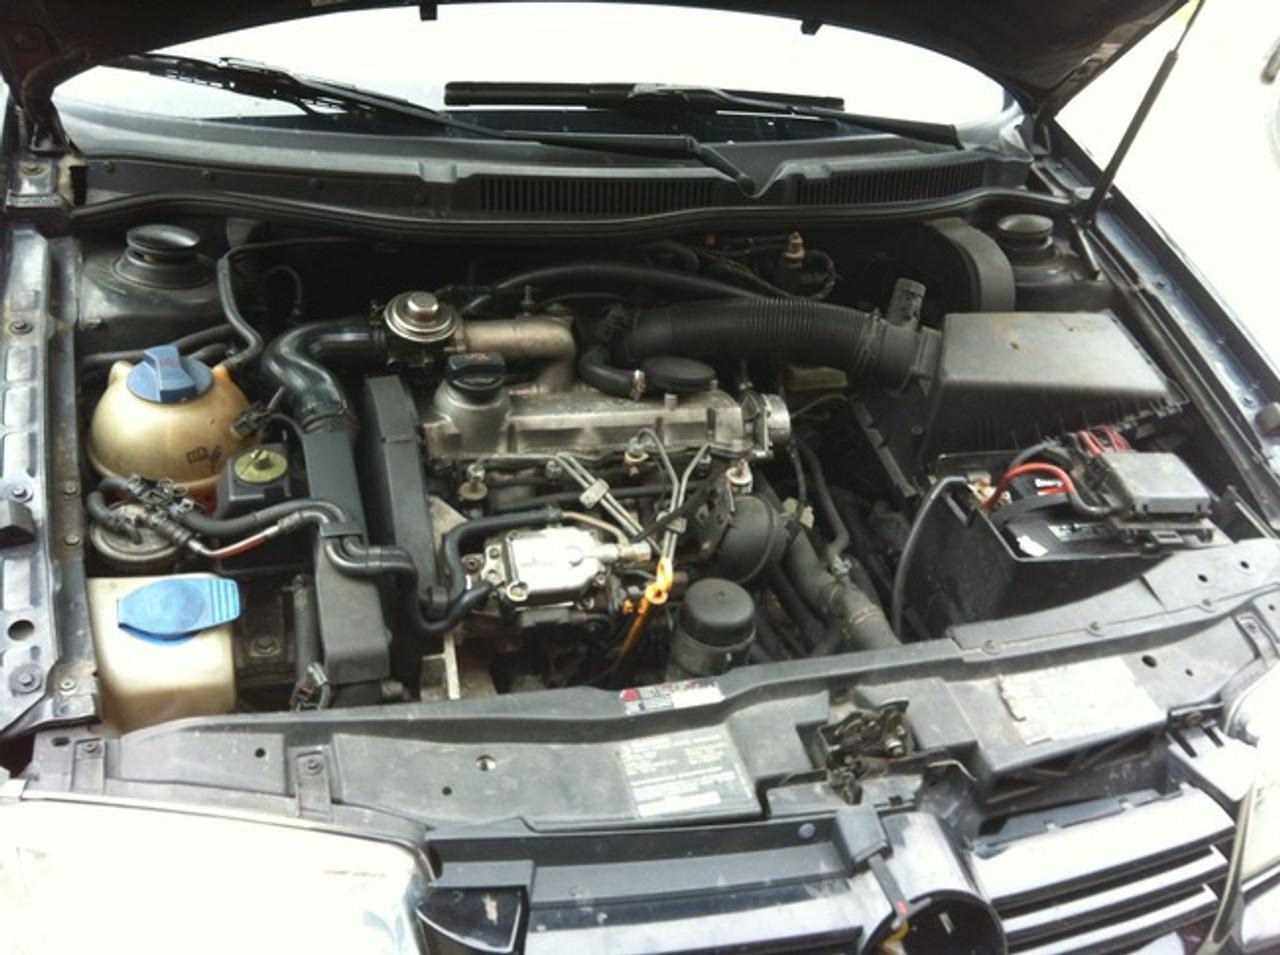 VW 1.9L TDI Diesel